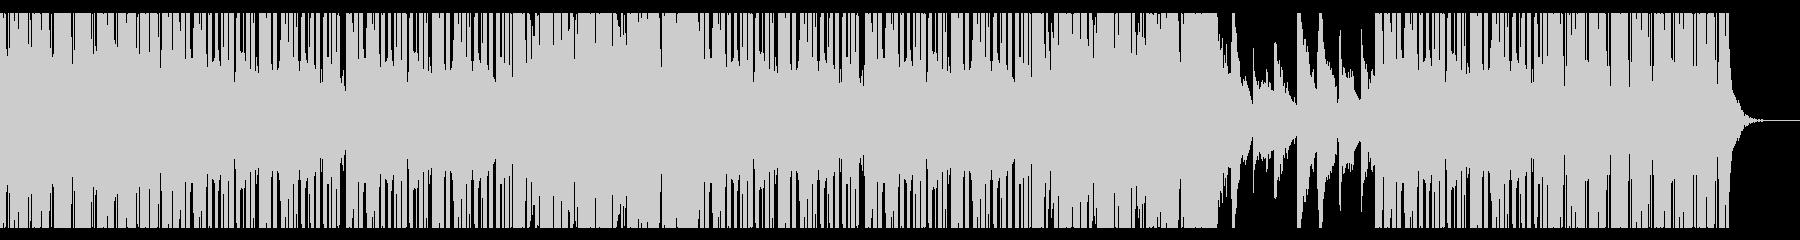 筋トレHipHopの未再生の波形